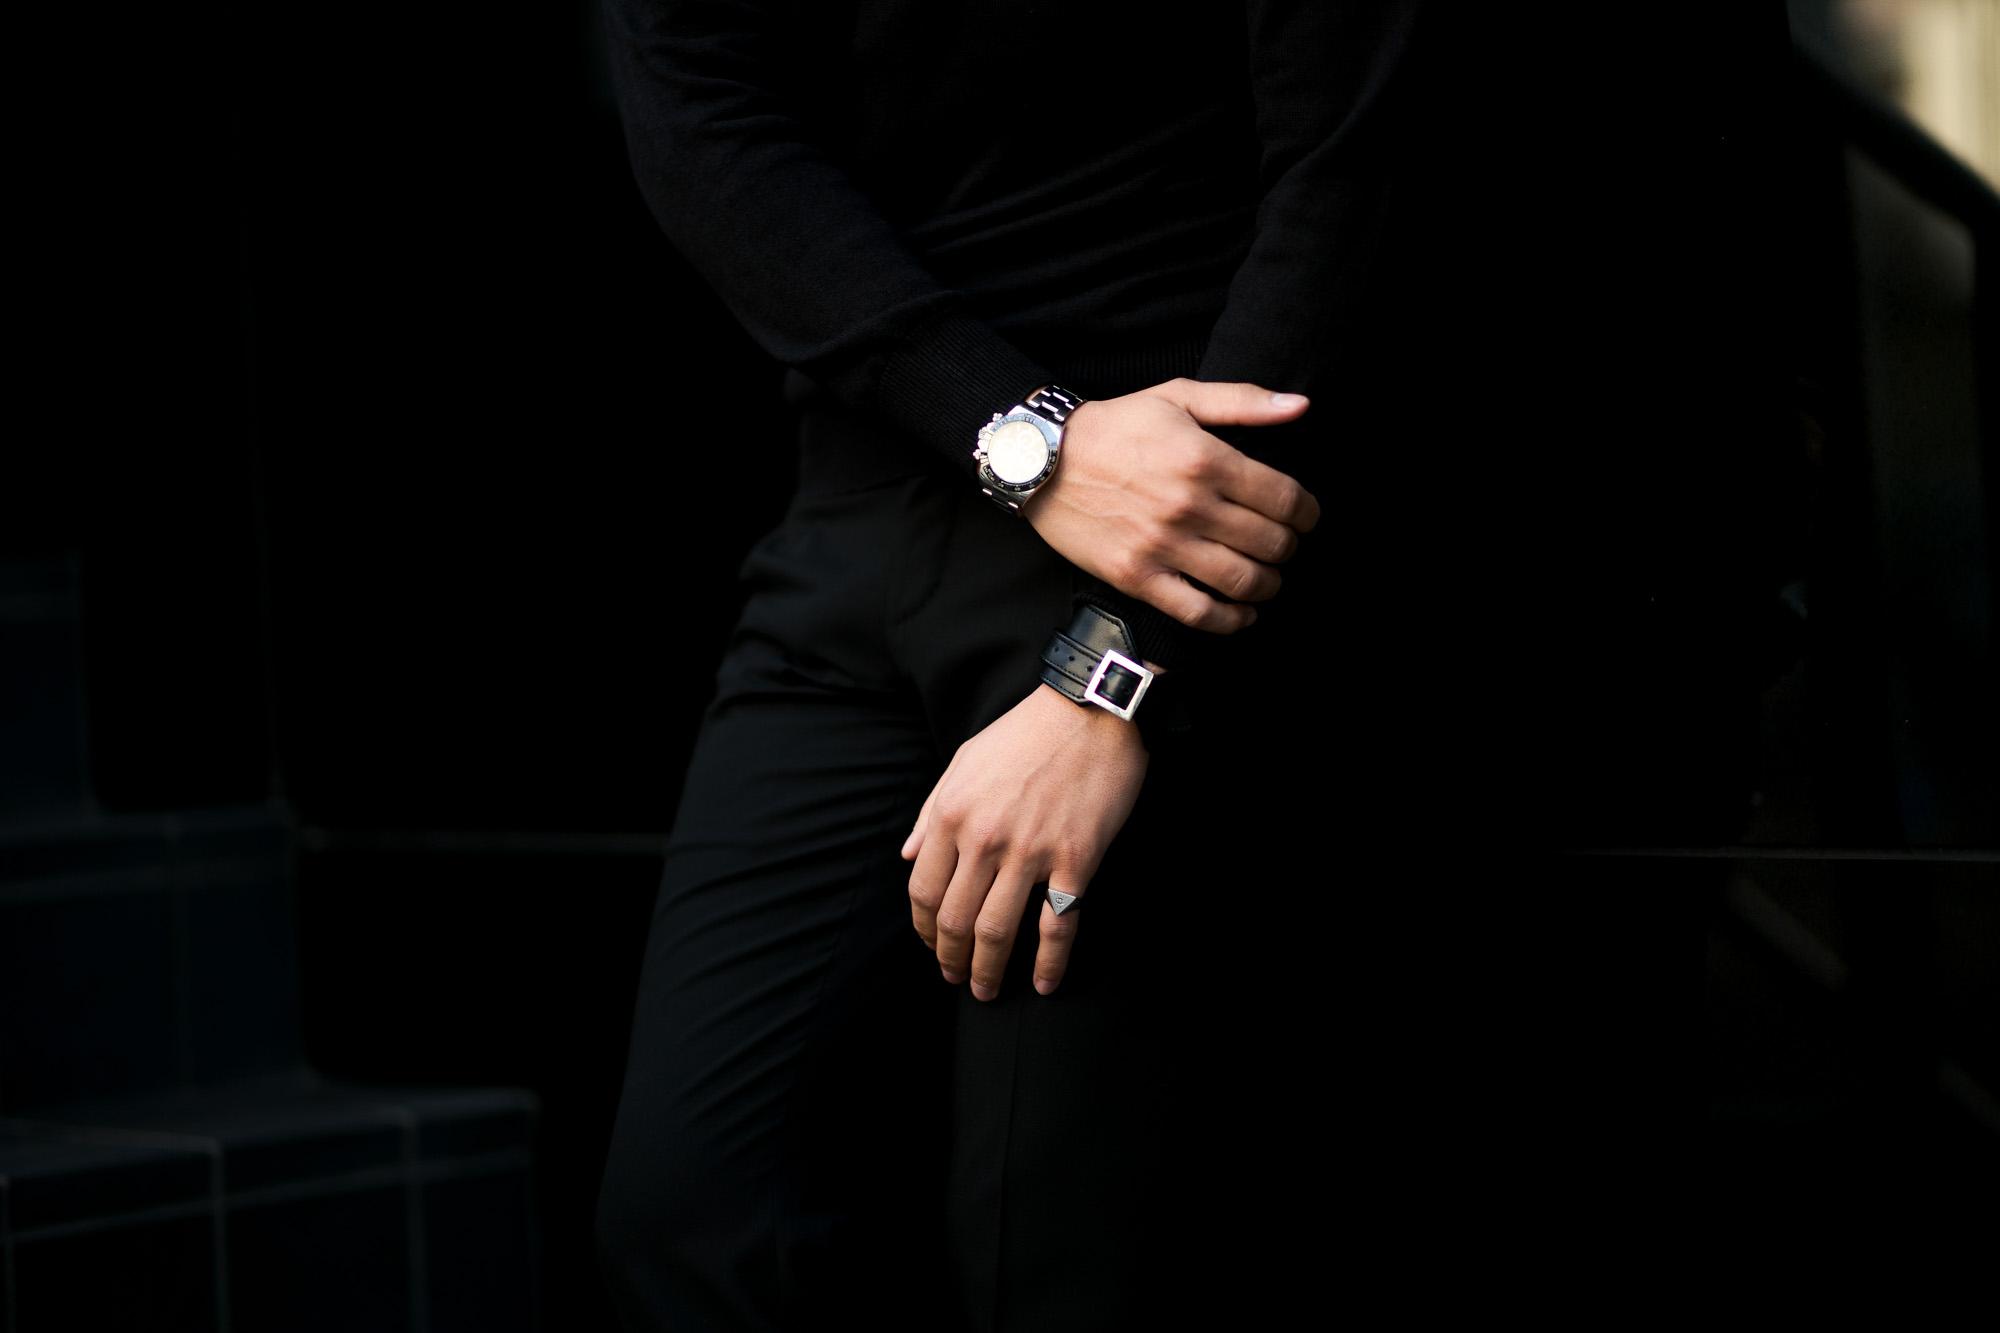 FIXER(フィクサー) LEATHER BRACELET 925 STERLING SILVER(925 スターリングシルバー) カーフ レザー ブレスレット BLACK (ブラック) 愛知 名古屋 altoediritto アルトエデリット クロコダイル ブレスレット バングル